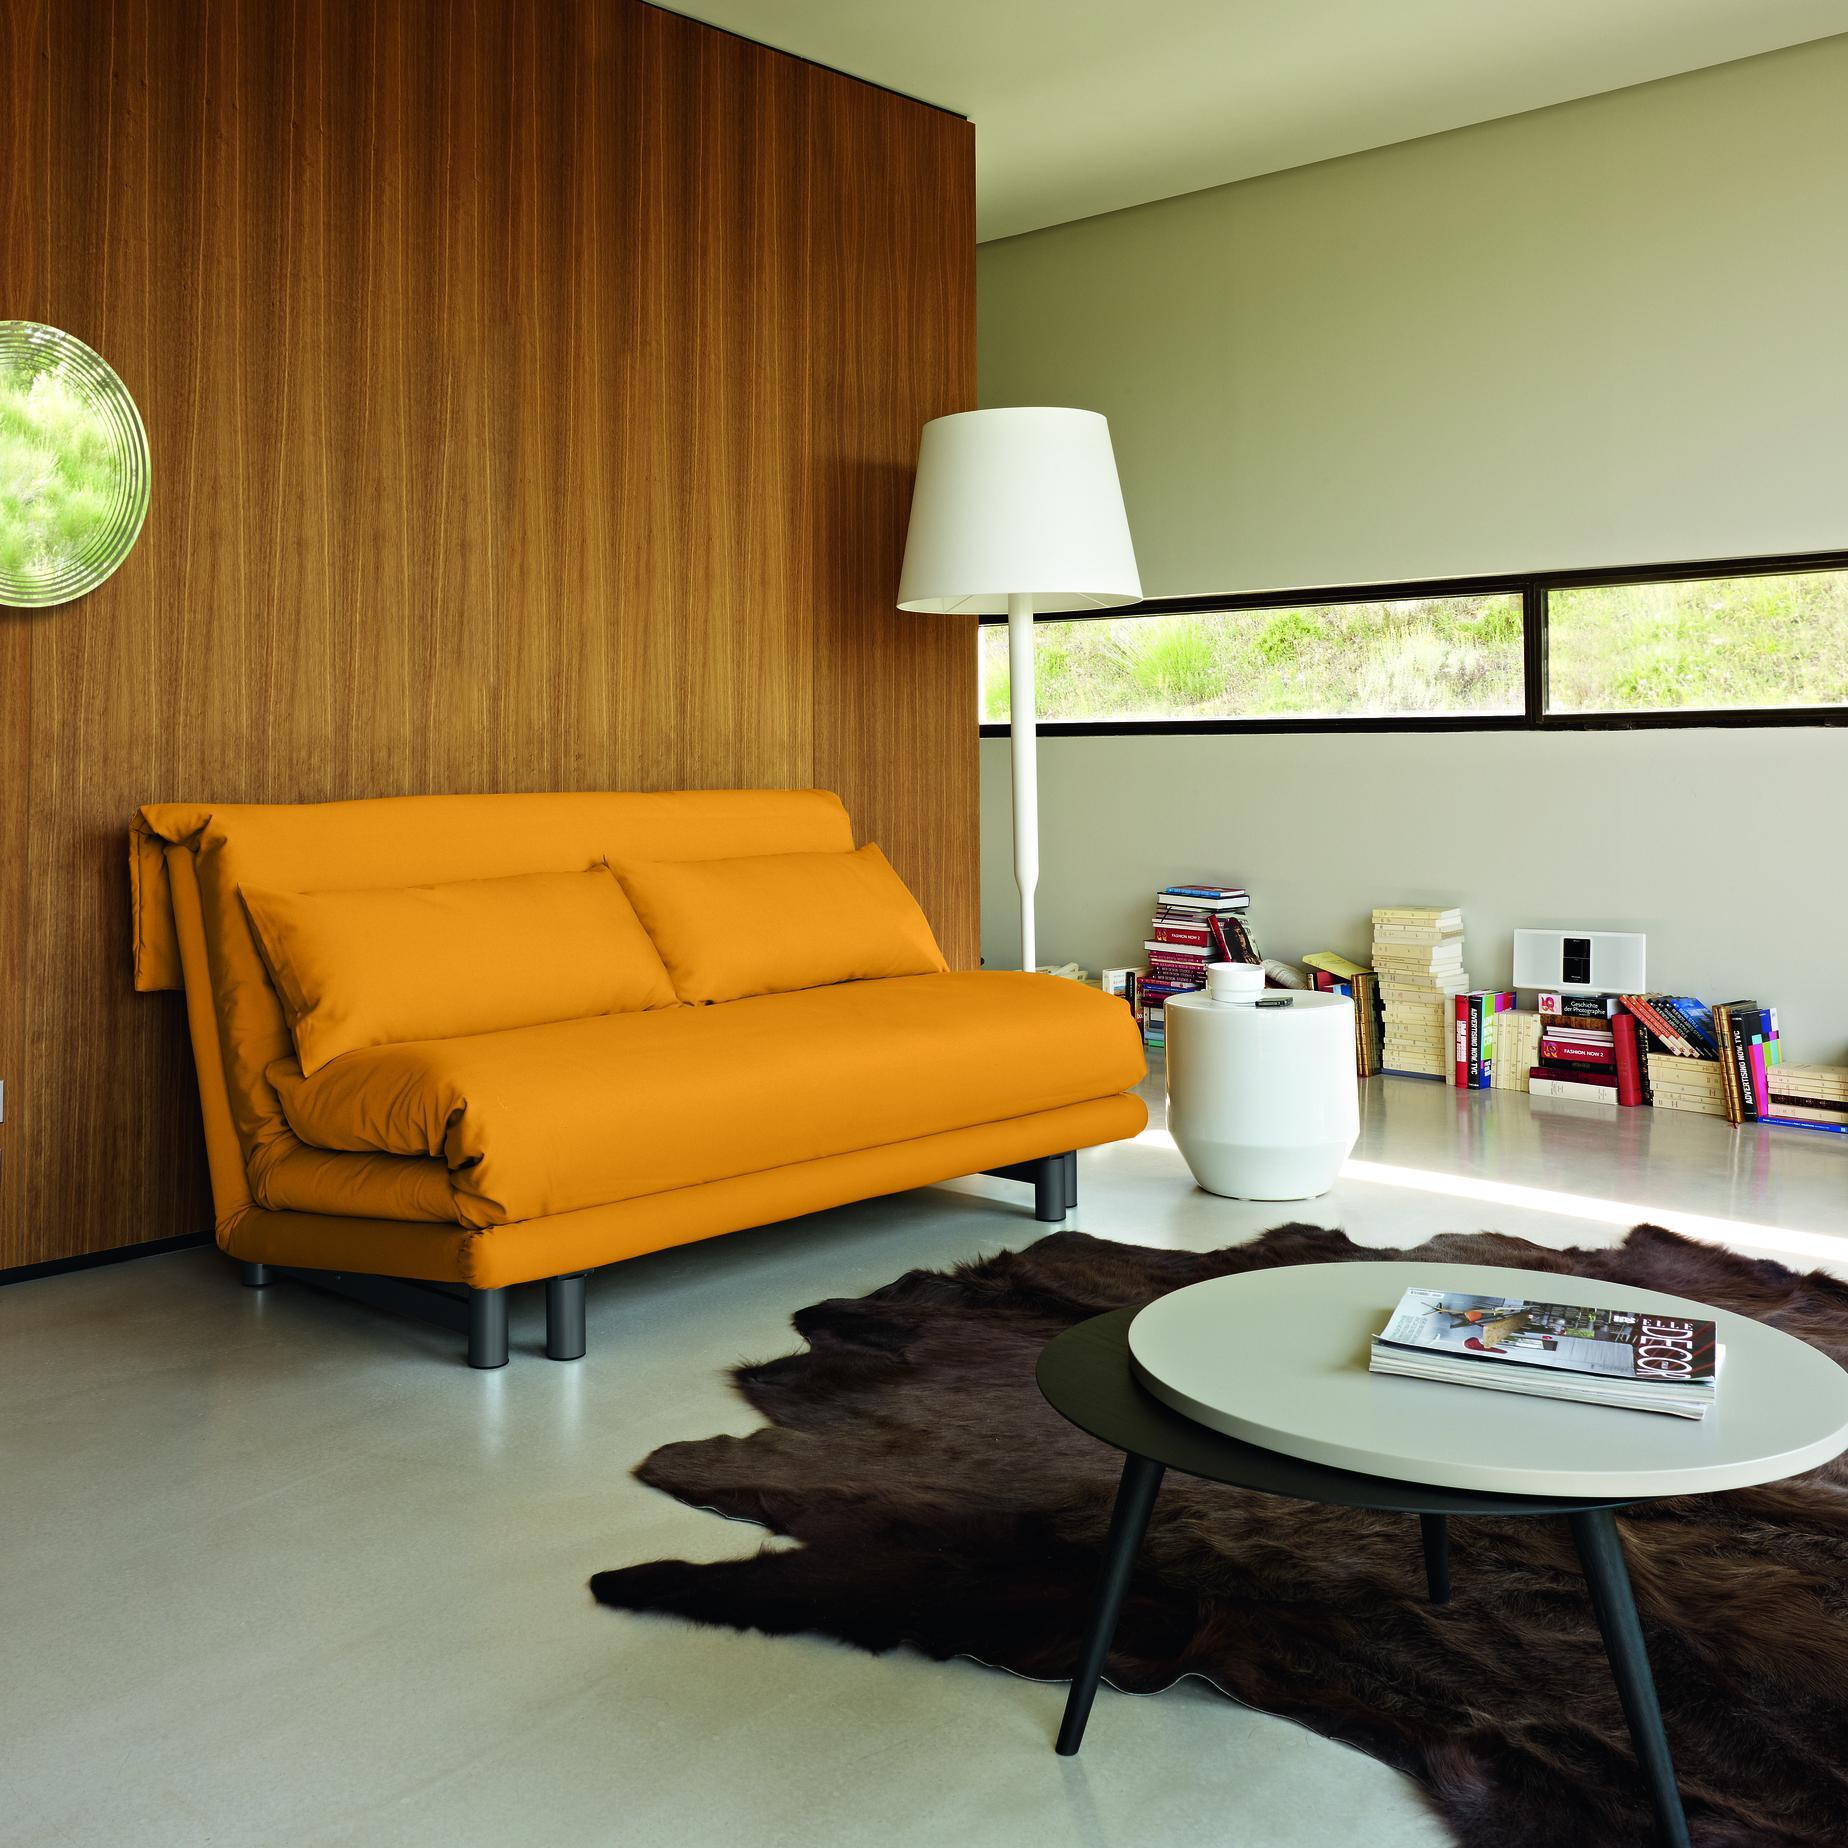 sortiment m bel hesse. Black Bedroom Furniture Sets. Home Design Ideas